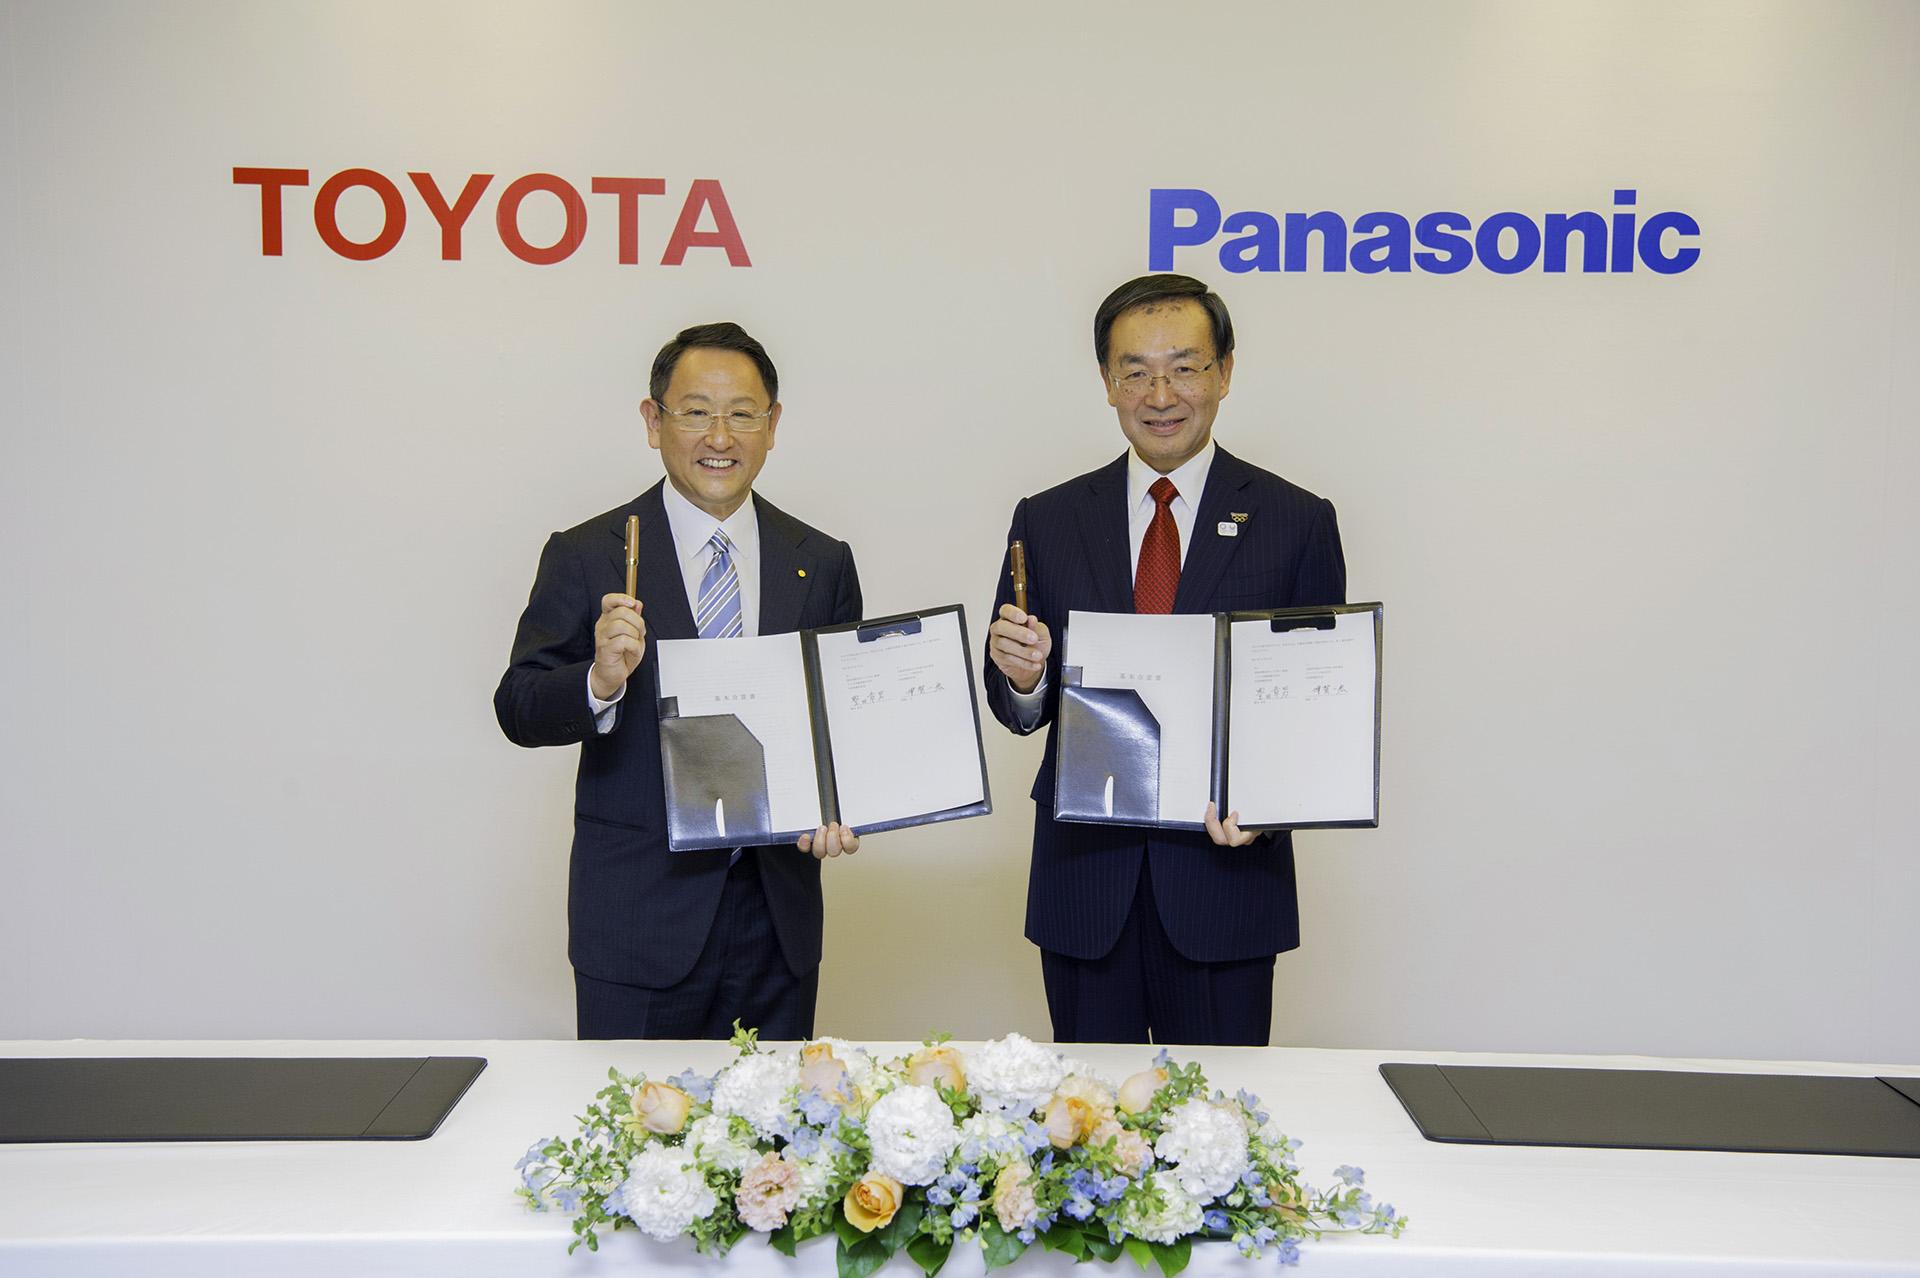 Derrière l'alliance Toyota-Panasonic : l'offensive stratégique japonaise